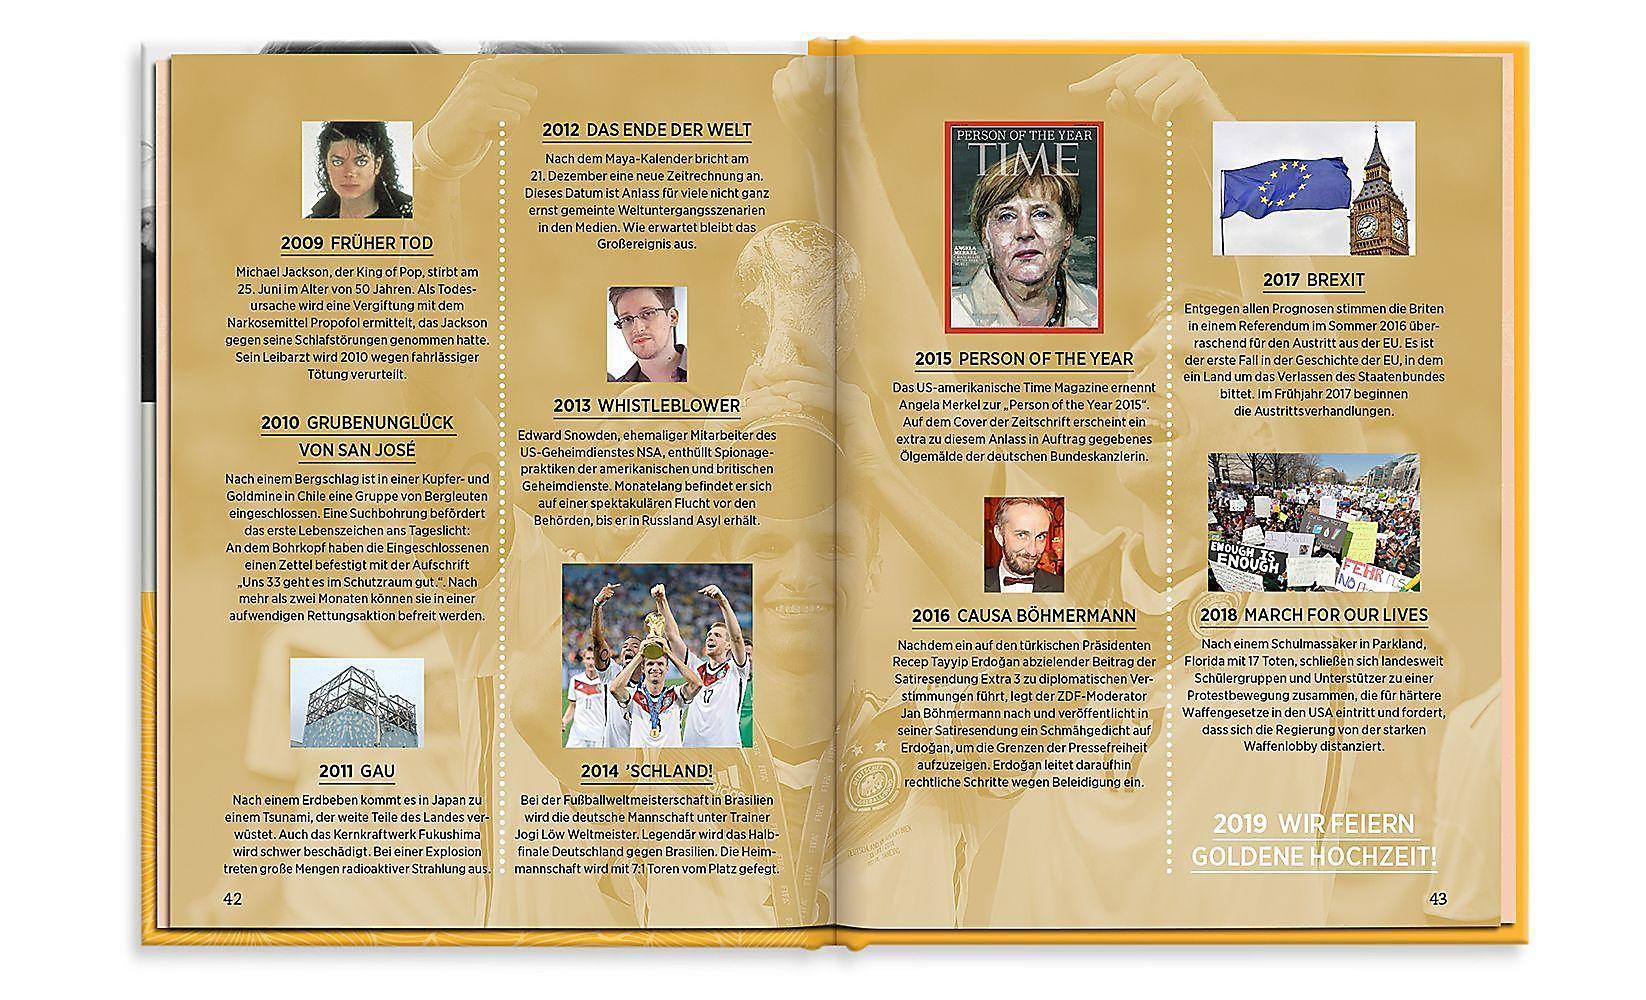 Goldene Hochzeit 1969 2019 Buch Versandkostenfrei Bei